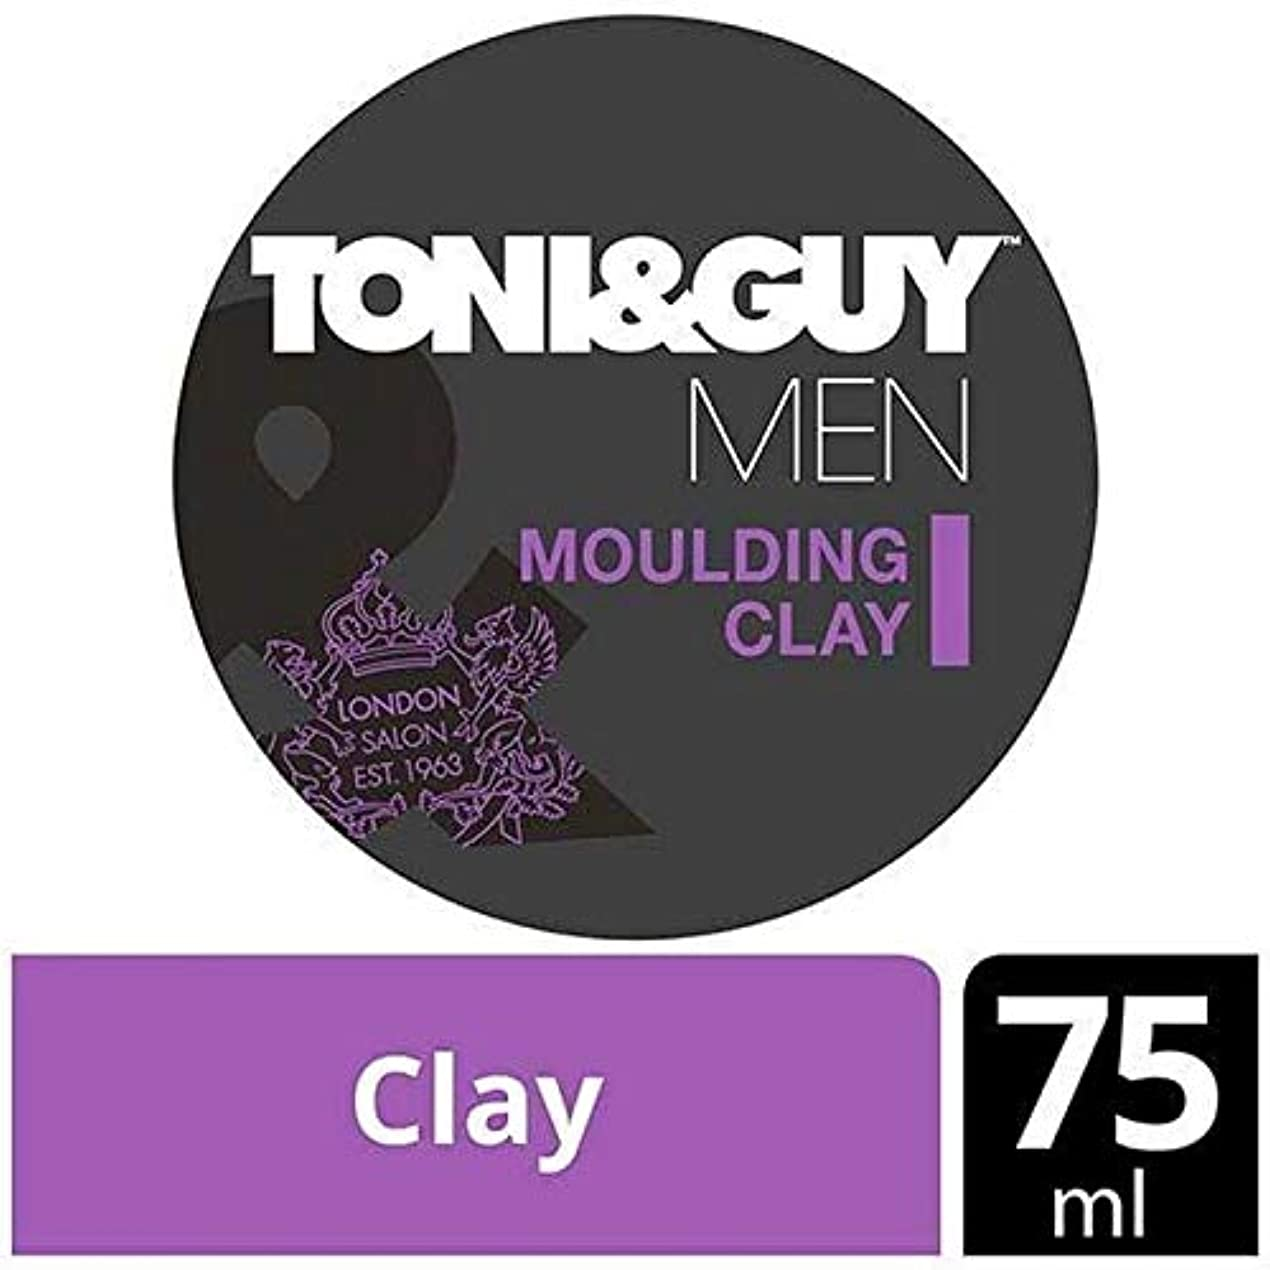 パフ謙虚な束ねる[Toni & Guy] トニ&男成型粘土 - Toni & Guy Moulding Clay [並行輸入品]